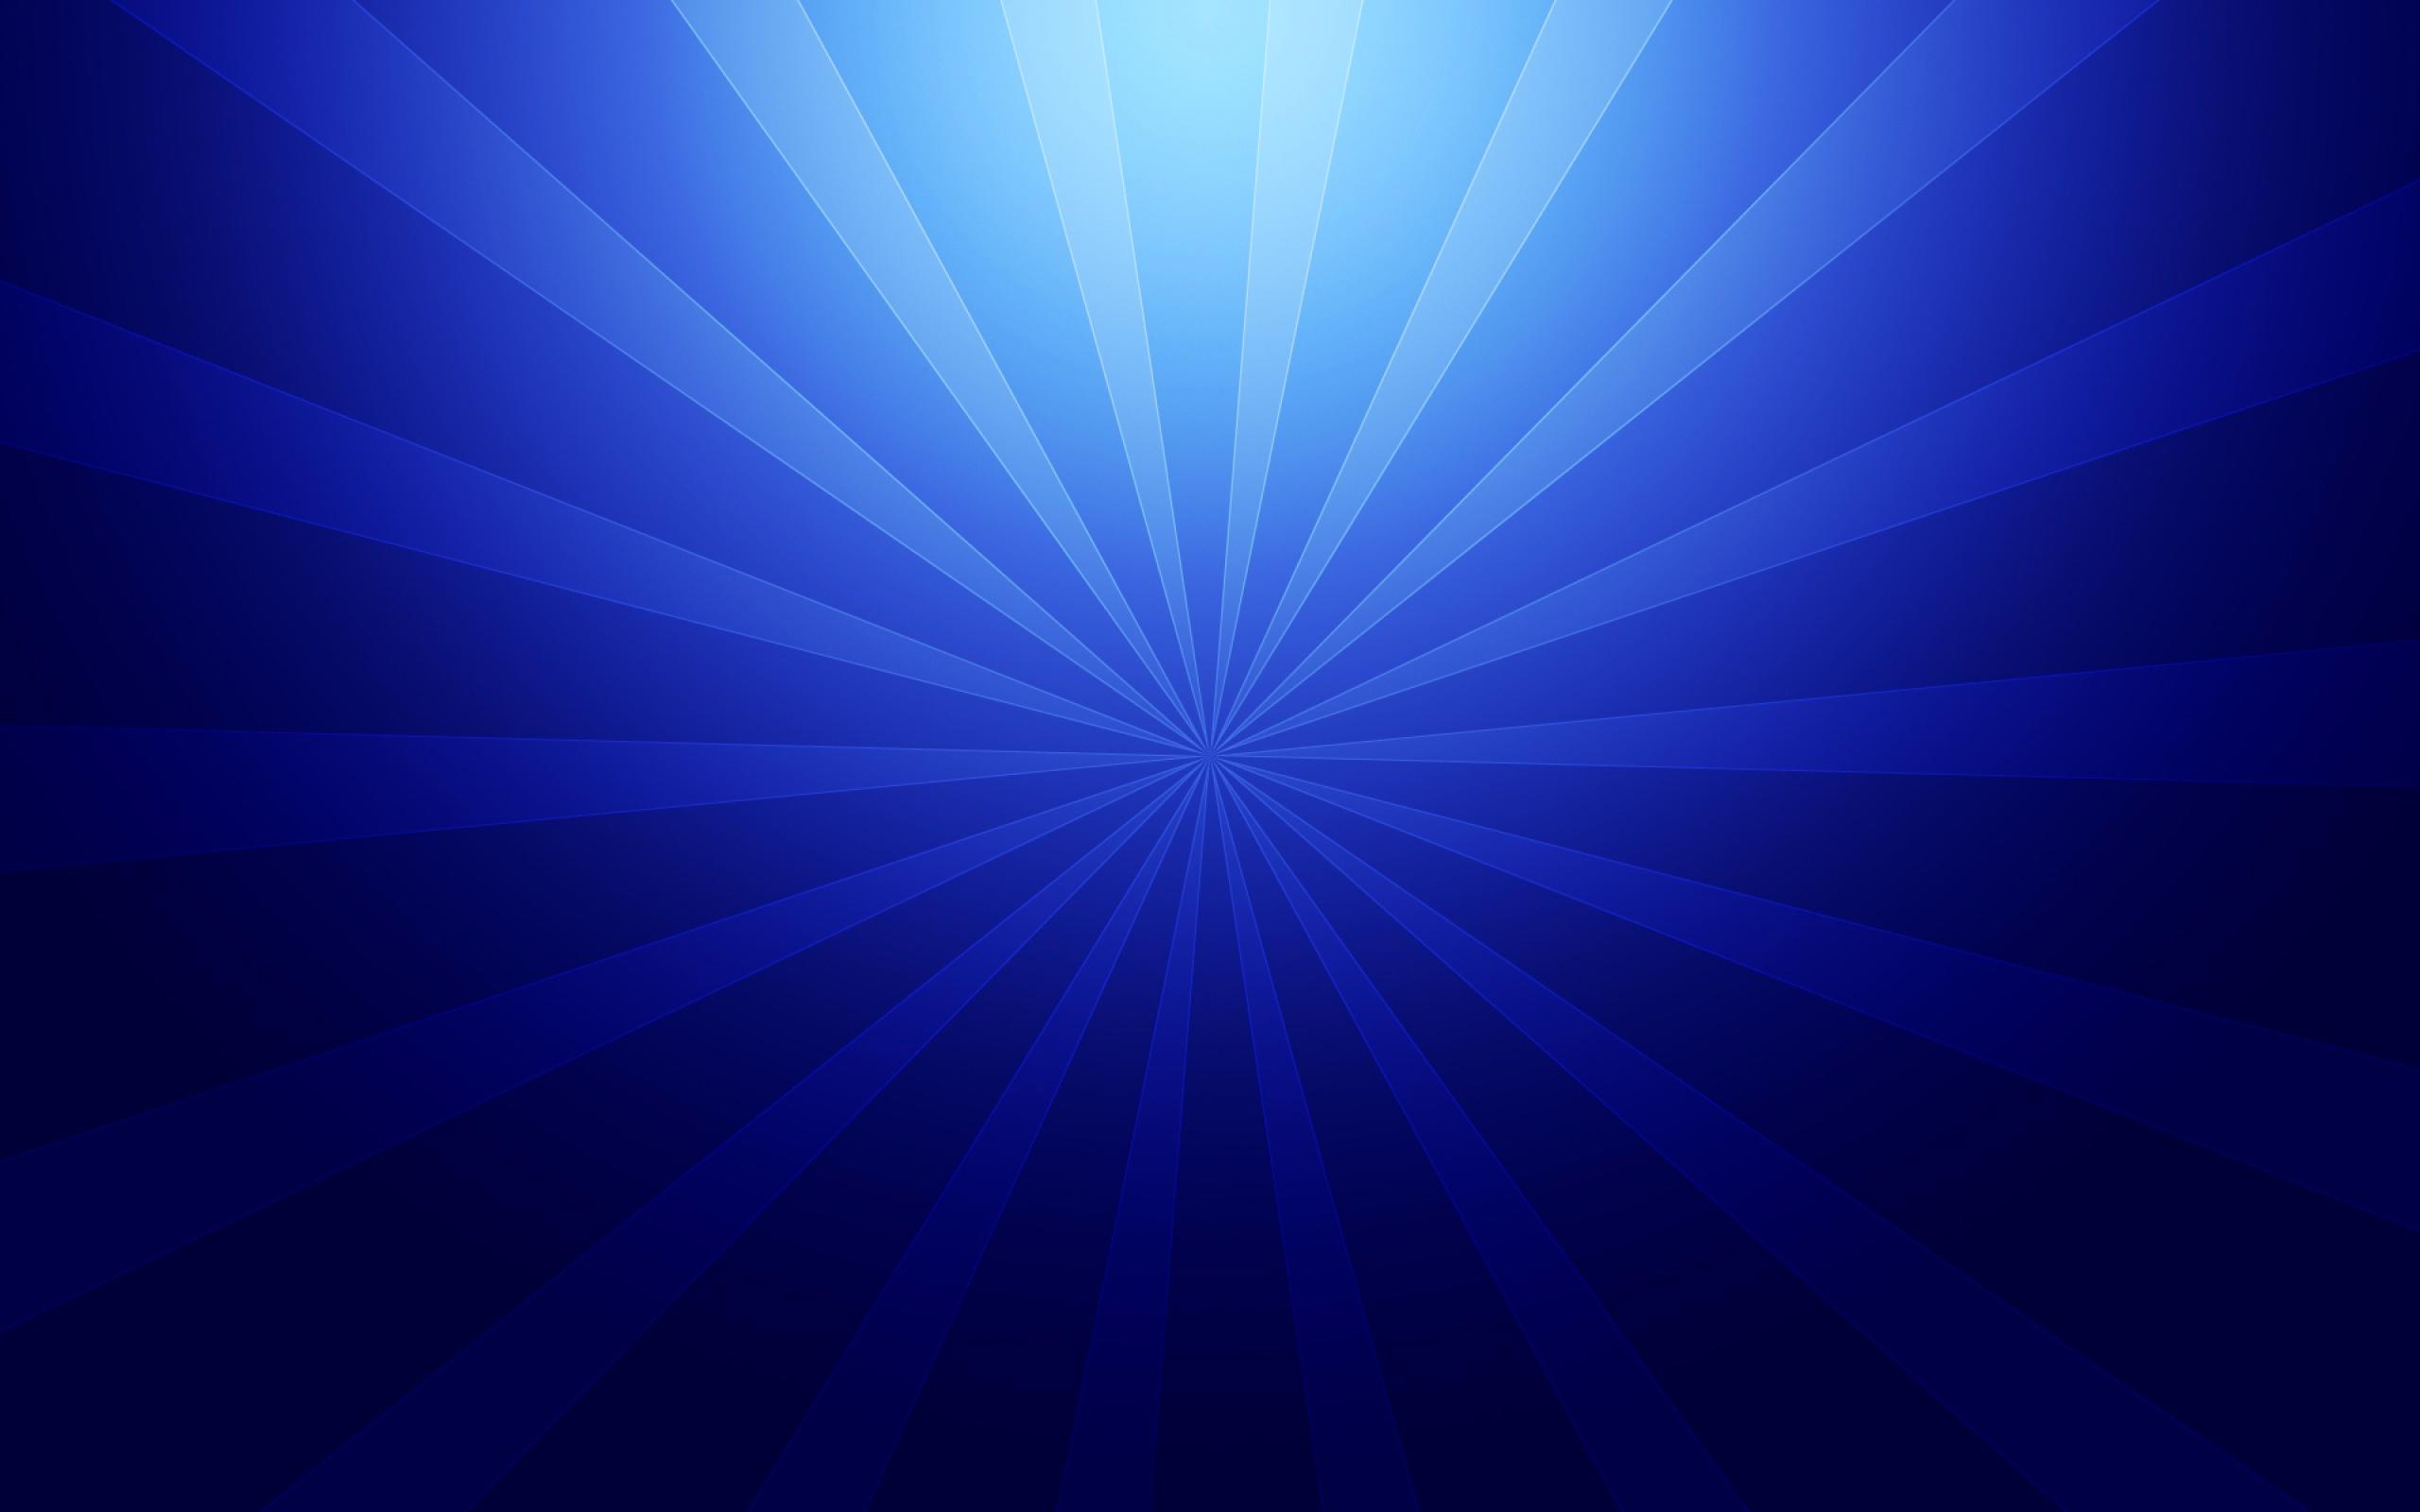 Wallpaper Smartphone 3d Fonds D 233 Cran Abstrait Bleu Maximumwall